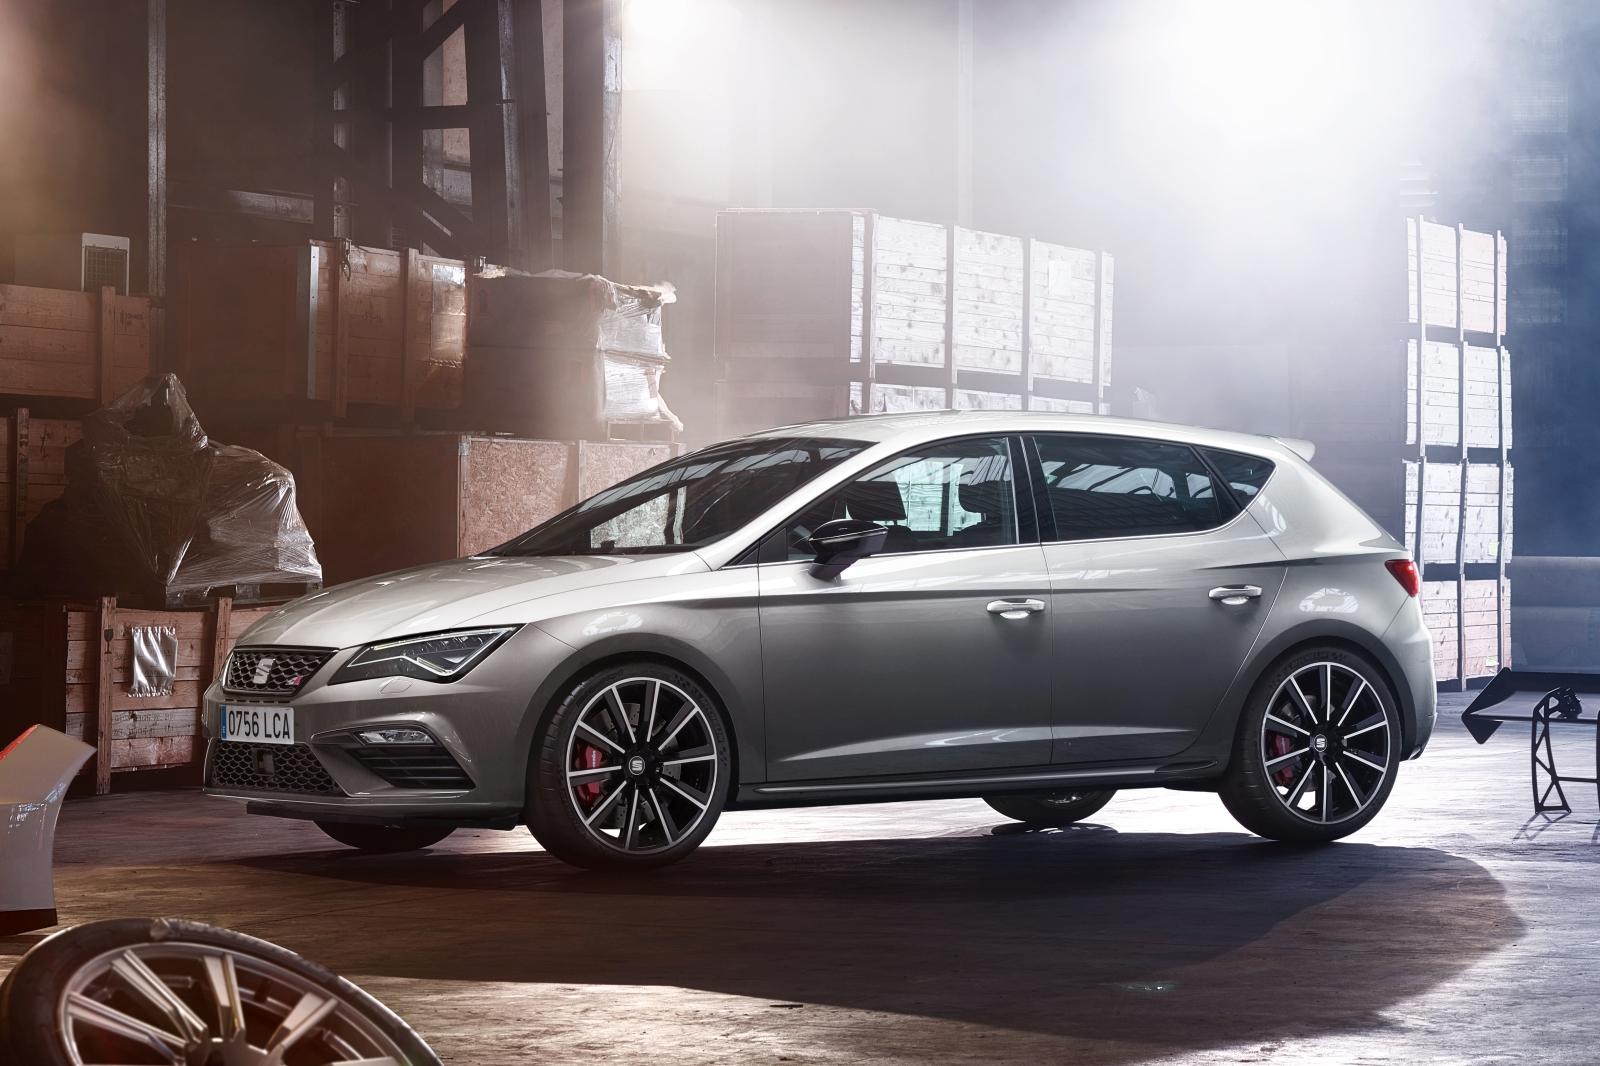 New-SEAT-Leon-CUPRA-300001